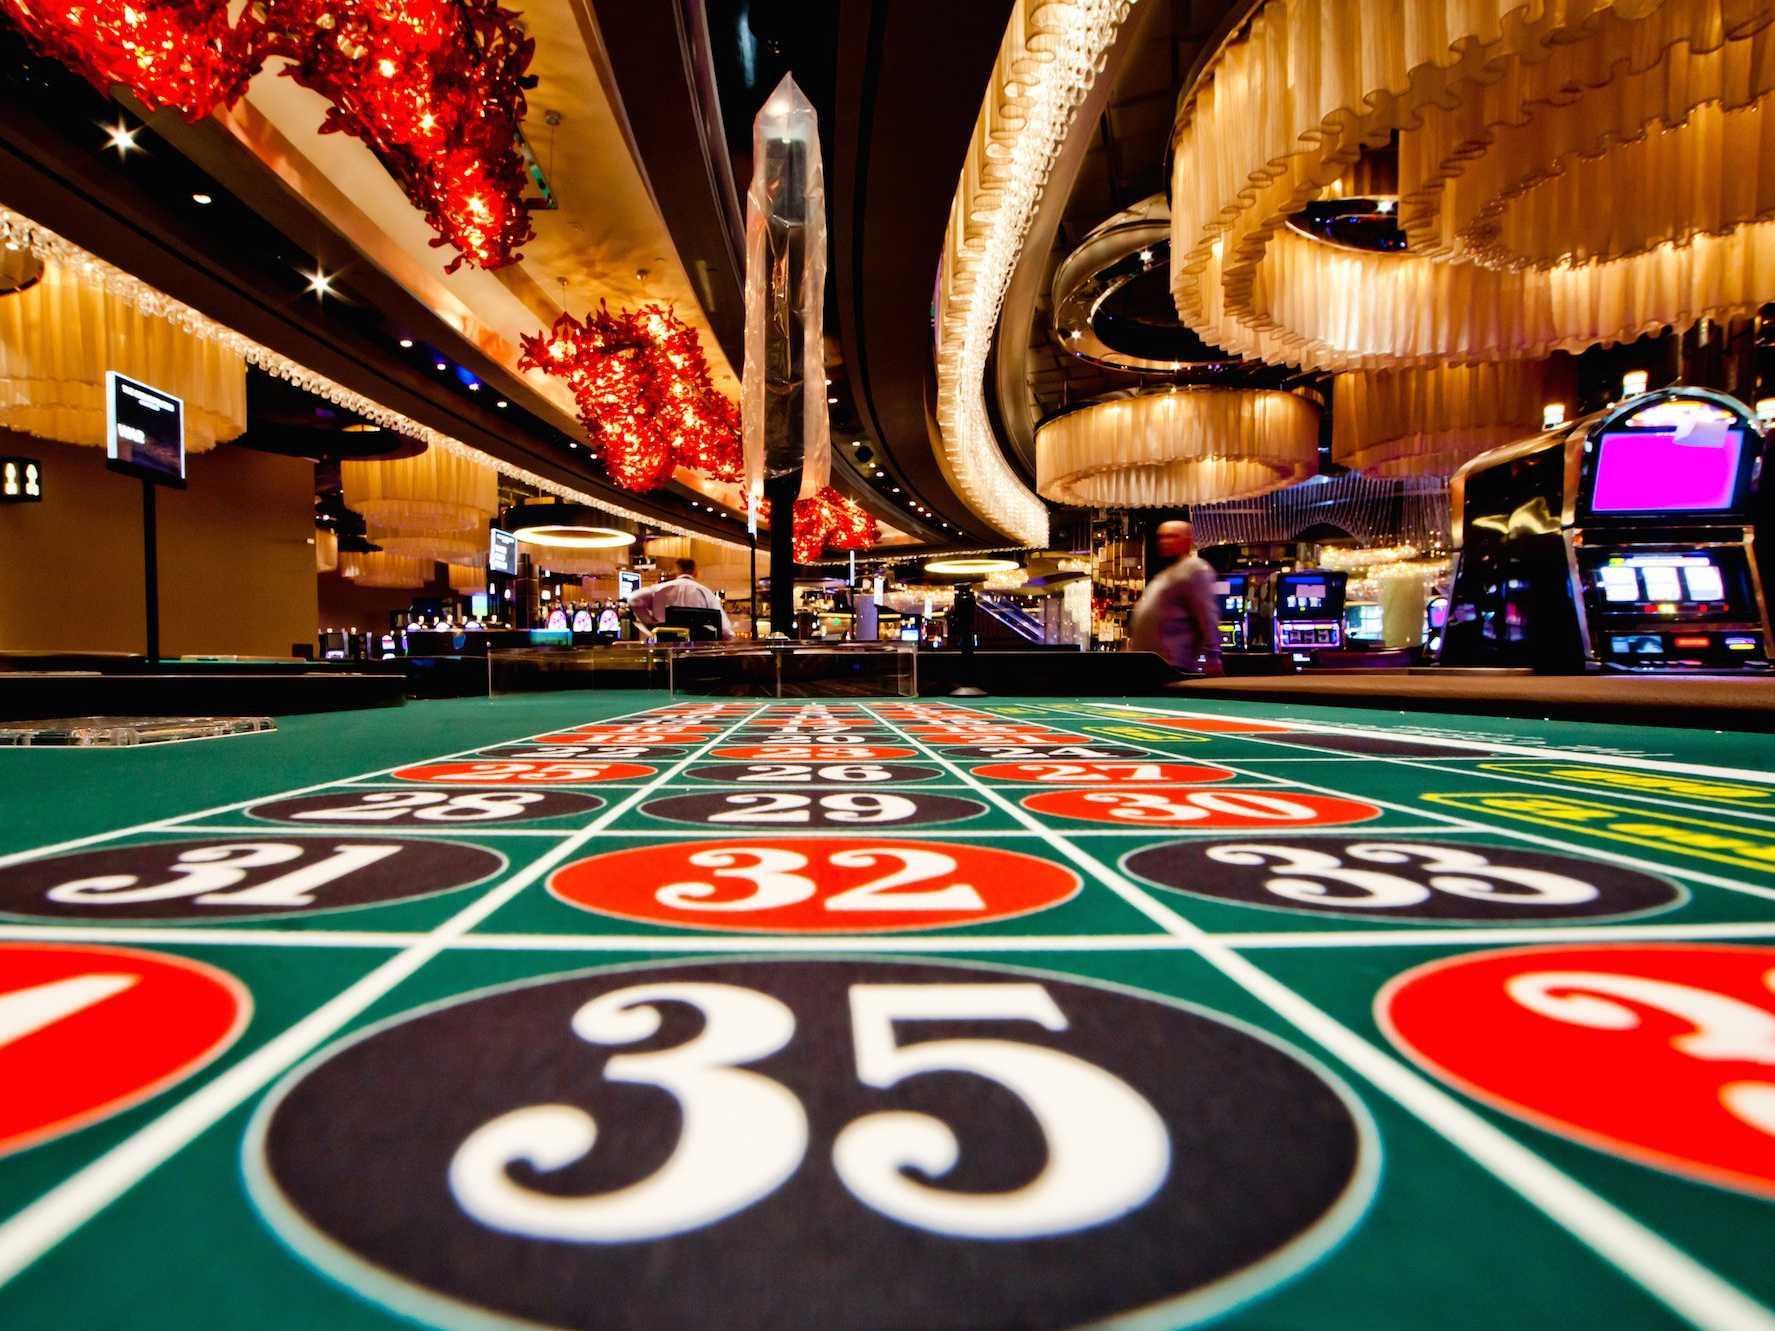 Choisir les jeux casino pour vivre ses rêves